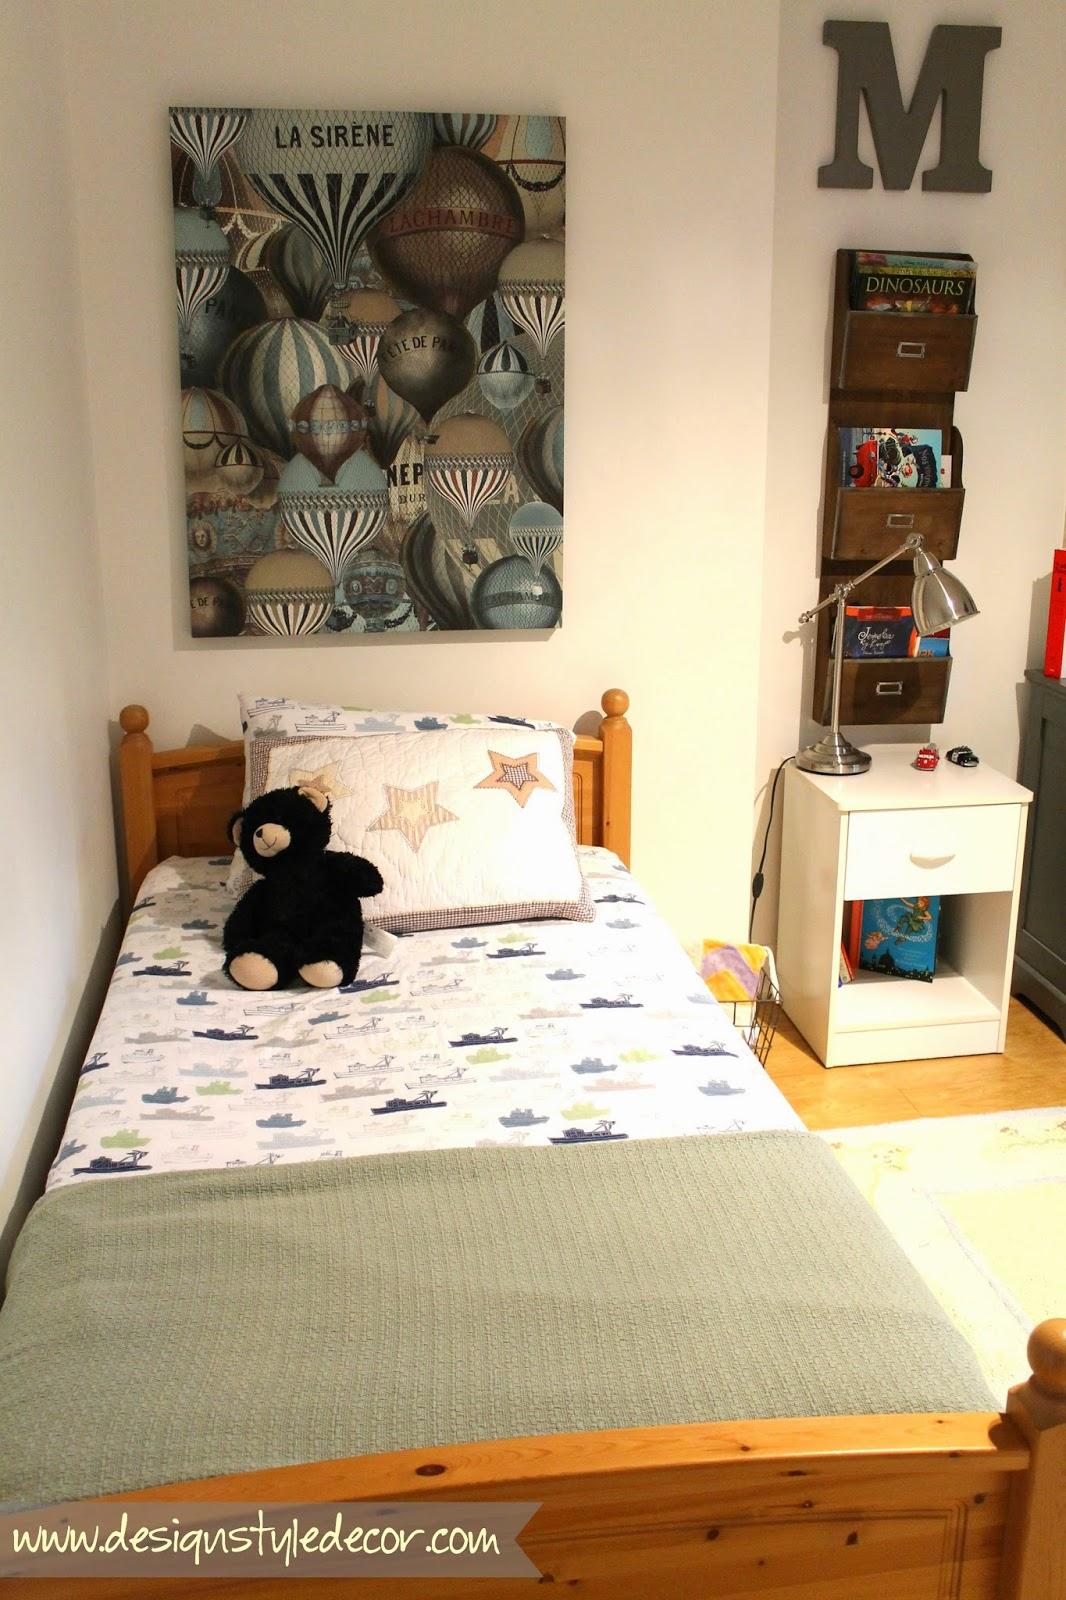 DesignStyleDecor Decor Boy Room SourceBook